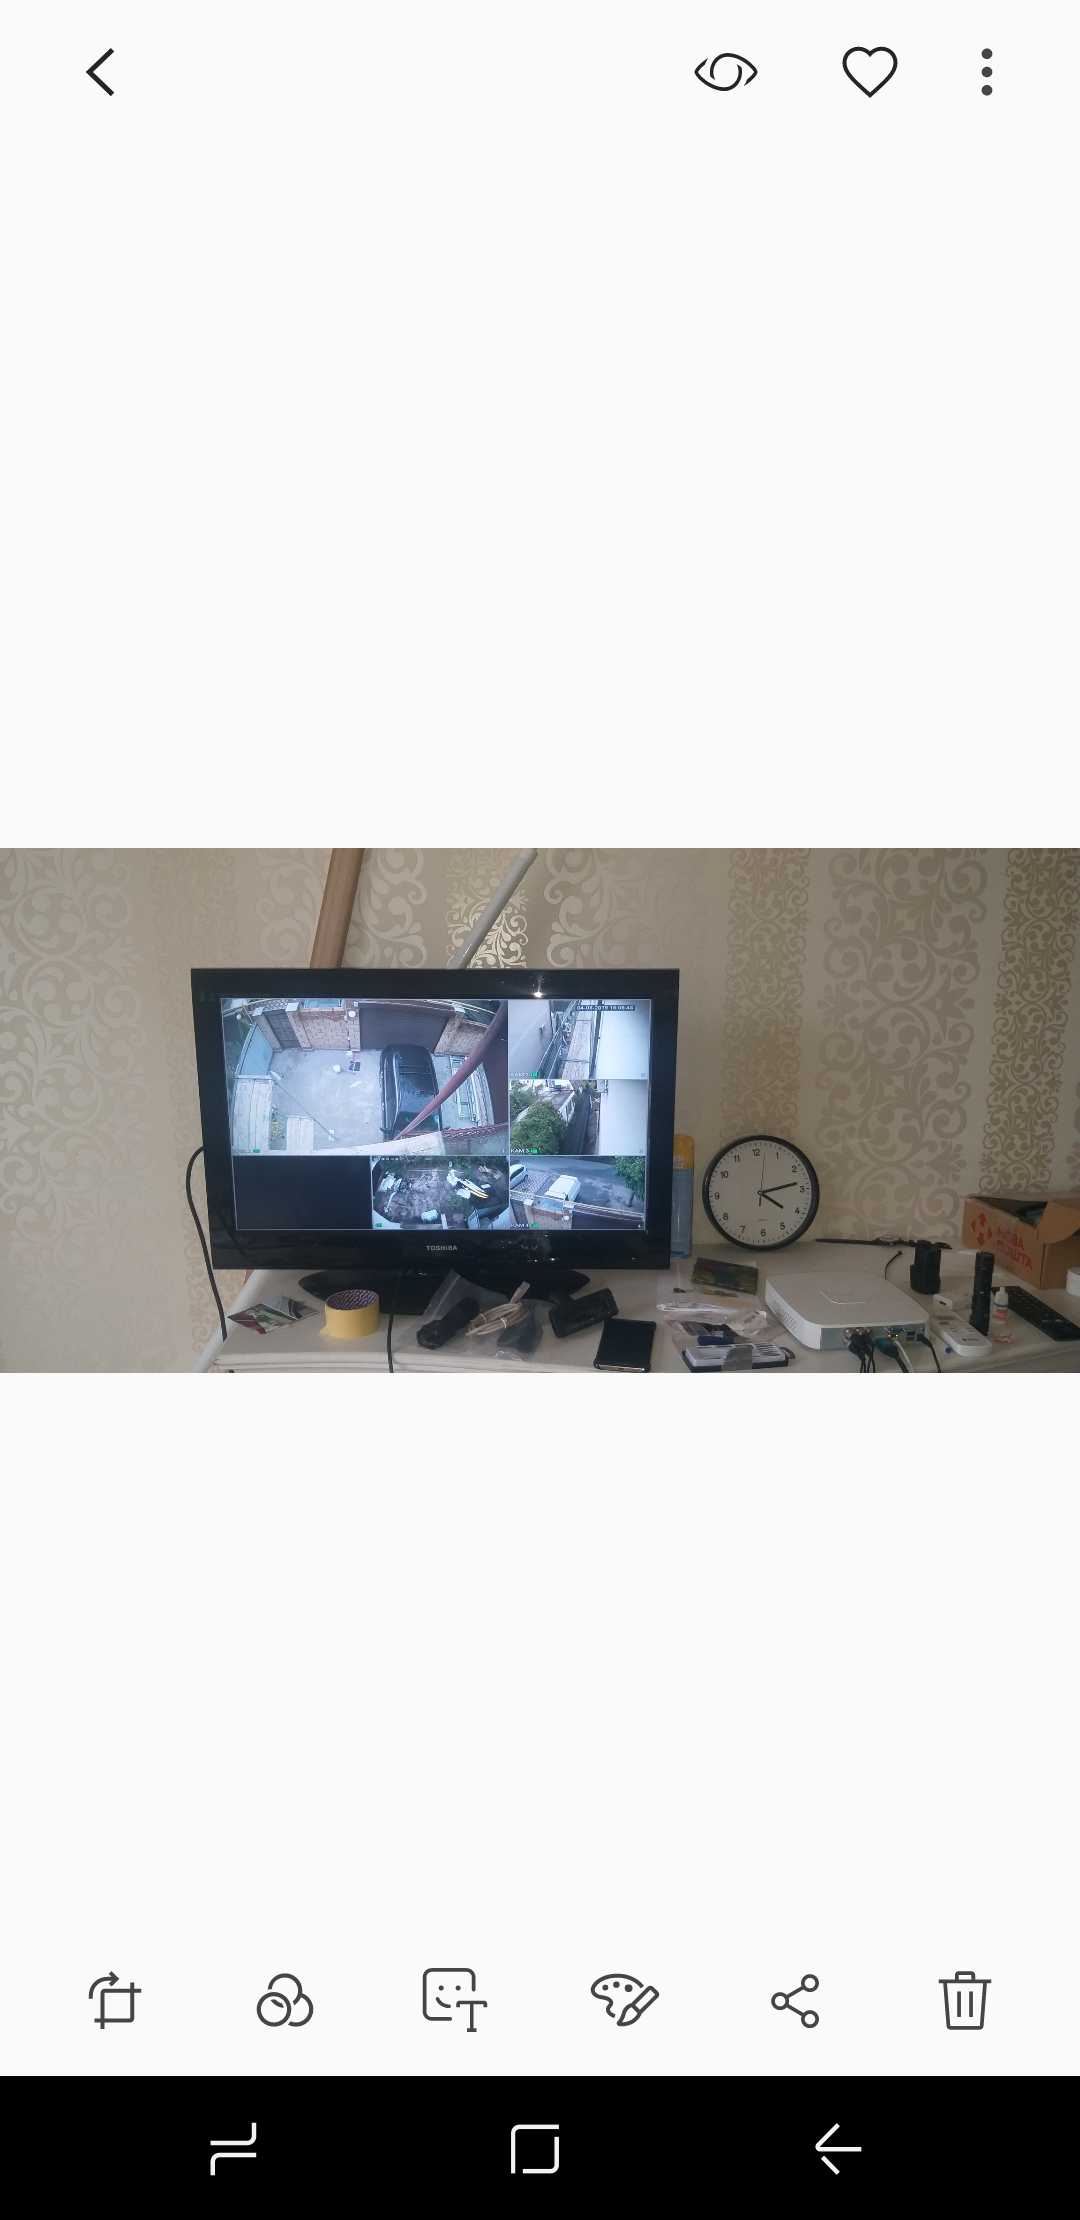 Фото Монтаж системи видеонаблюдения 5 камер , один день